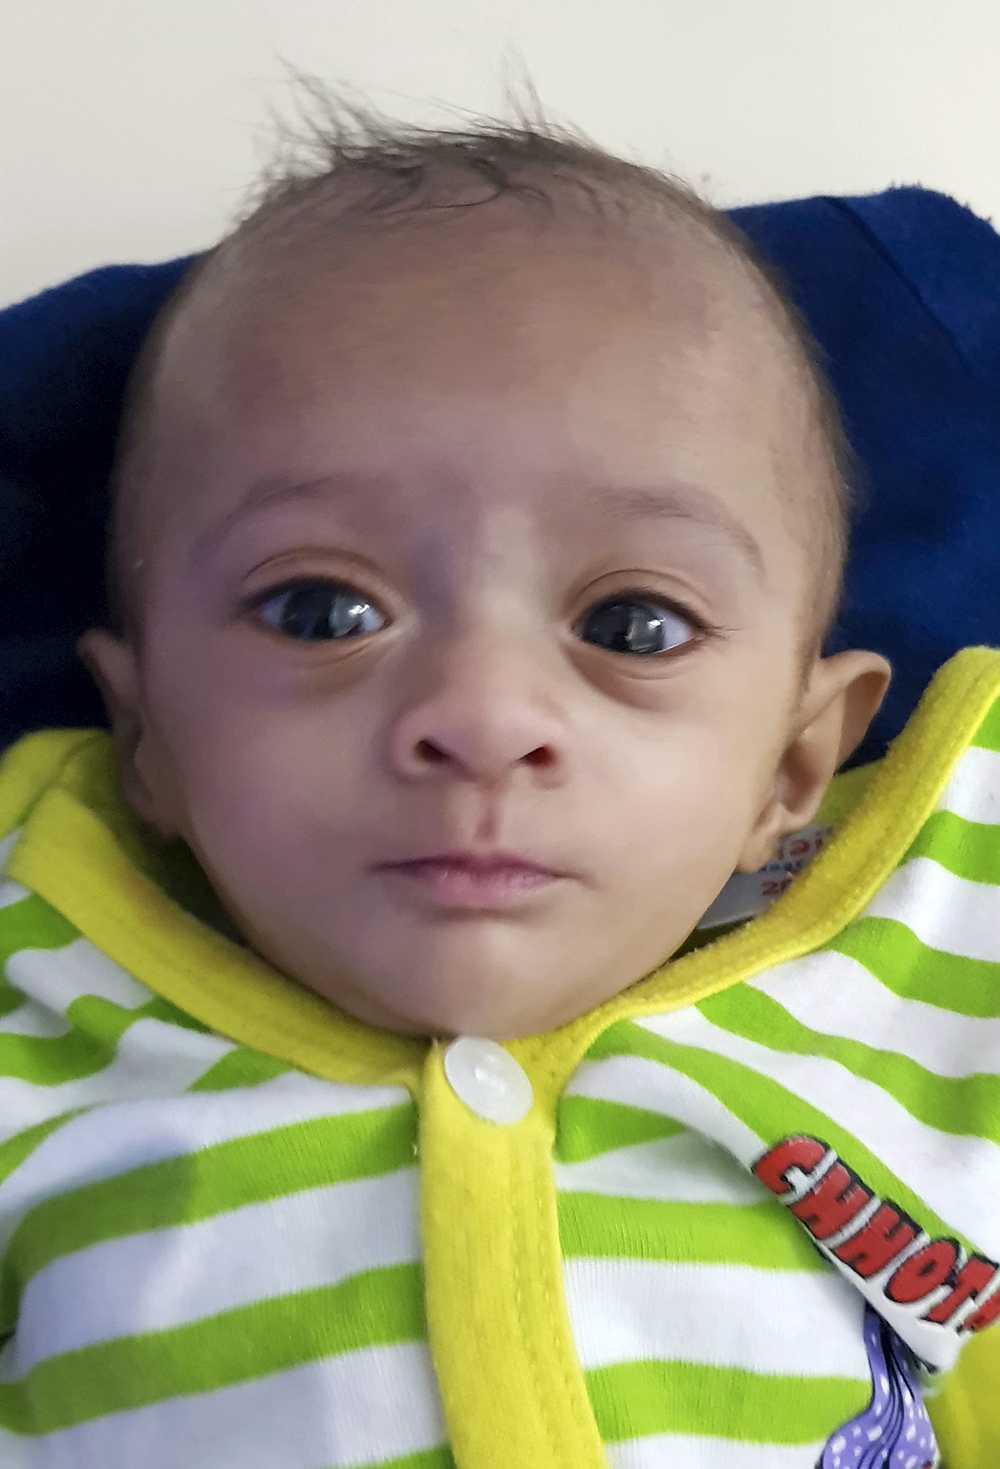 Manushi är nu 6 månader gammal och väger 2,3 kilo.